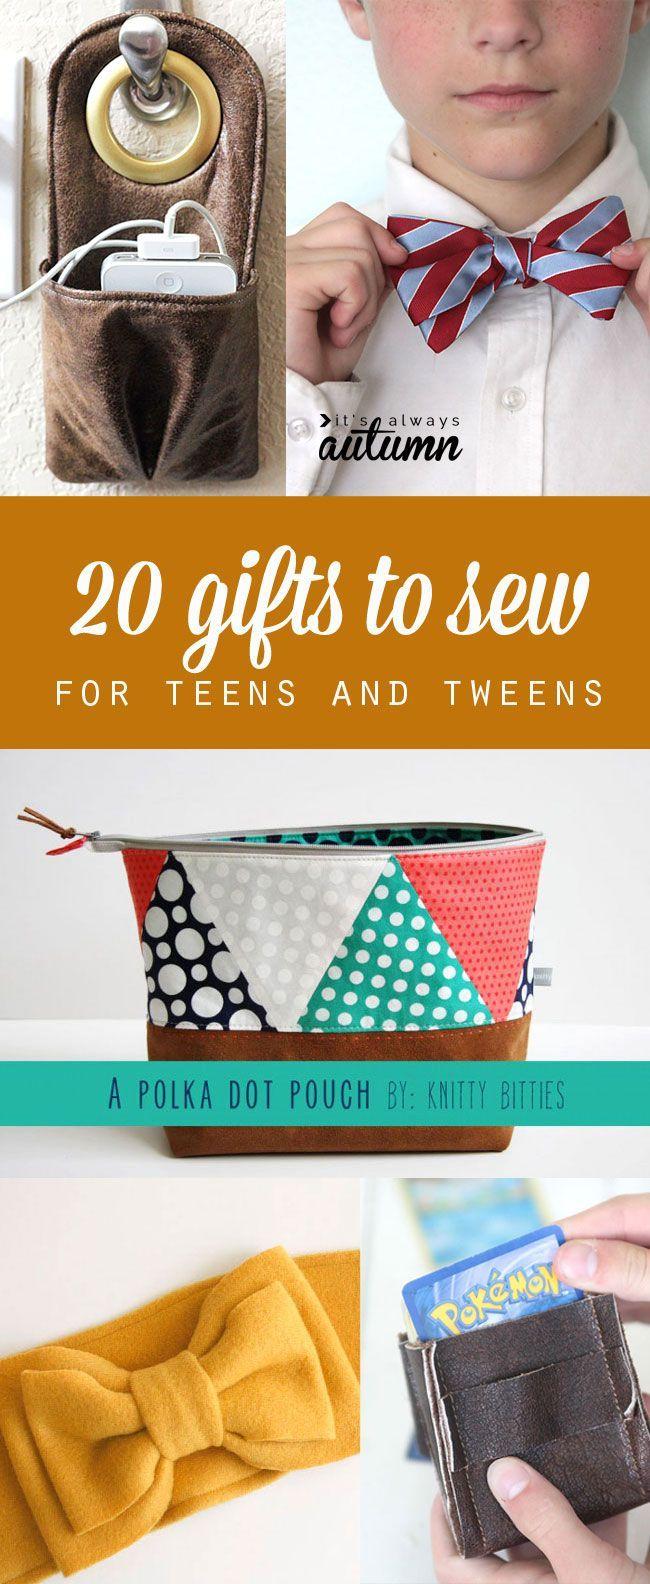 20 cadeaux à coudre surtout pour des adolescents - garçons ou filles - avec tutos. (http://www.itsalwaysautumn.com/2014/10/17/gifts-sew-teens.html#_a5y_p=2955424)